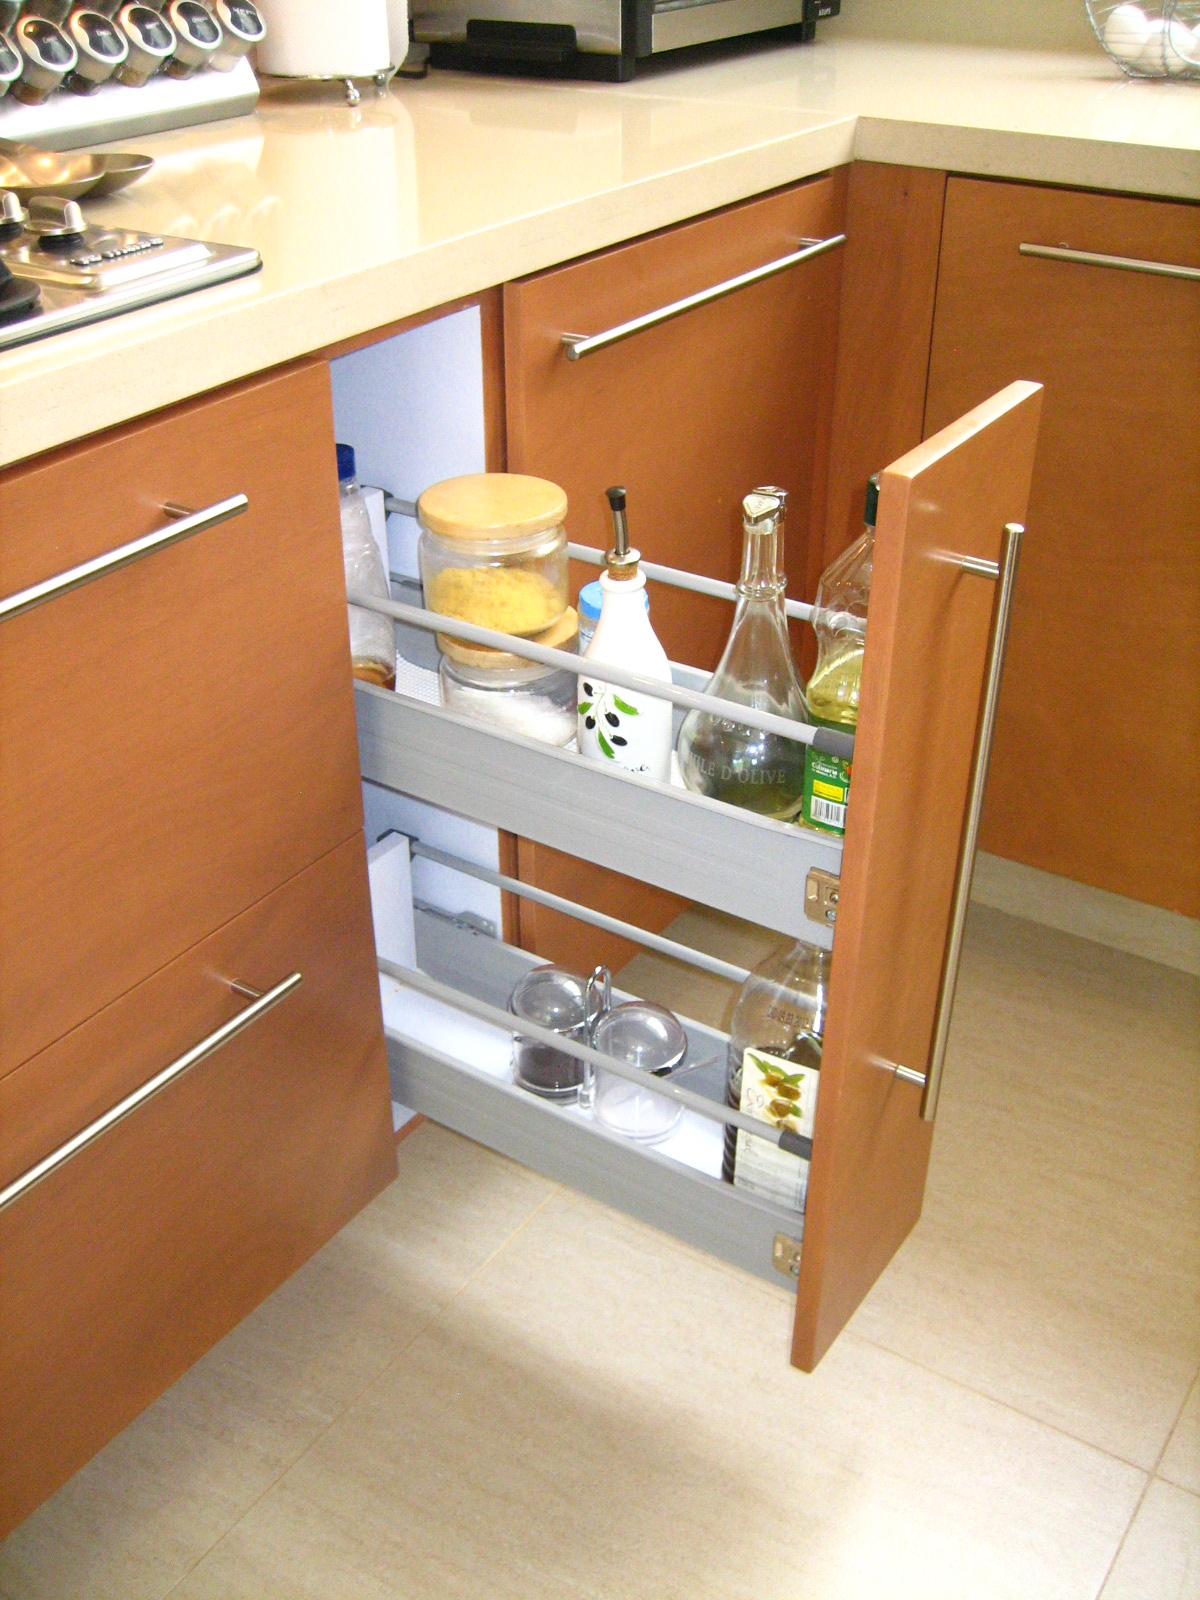 Frescocinas accesorios de cocina frescocinas for Accesorios para cocina a gas